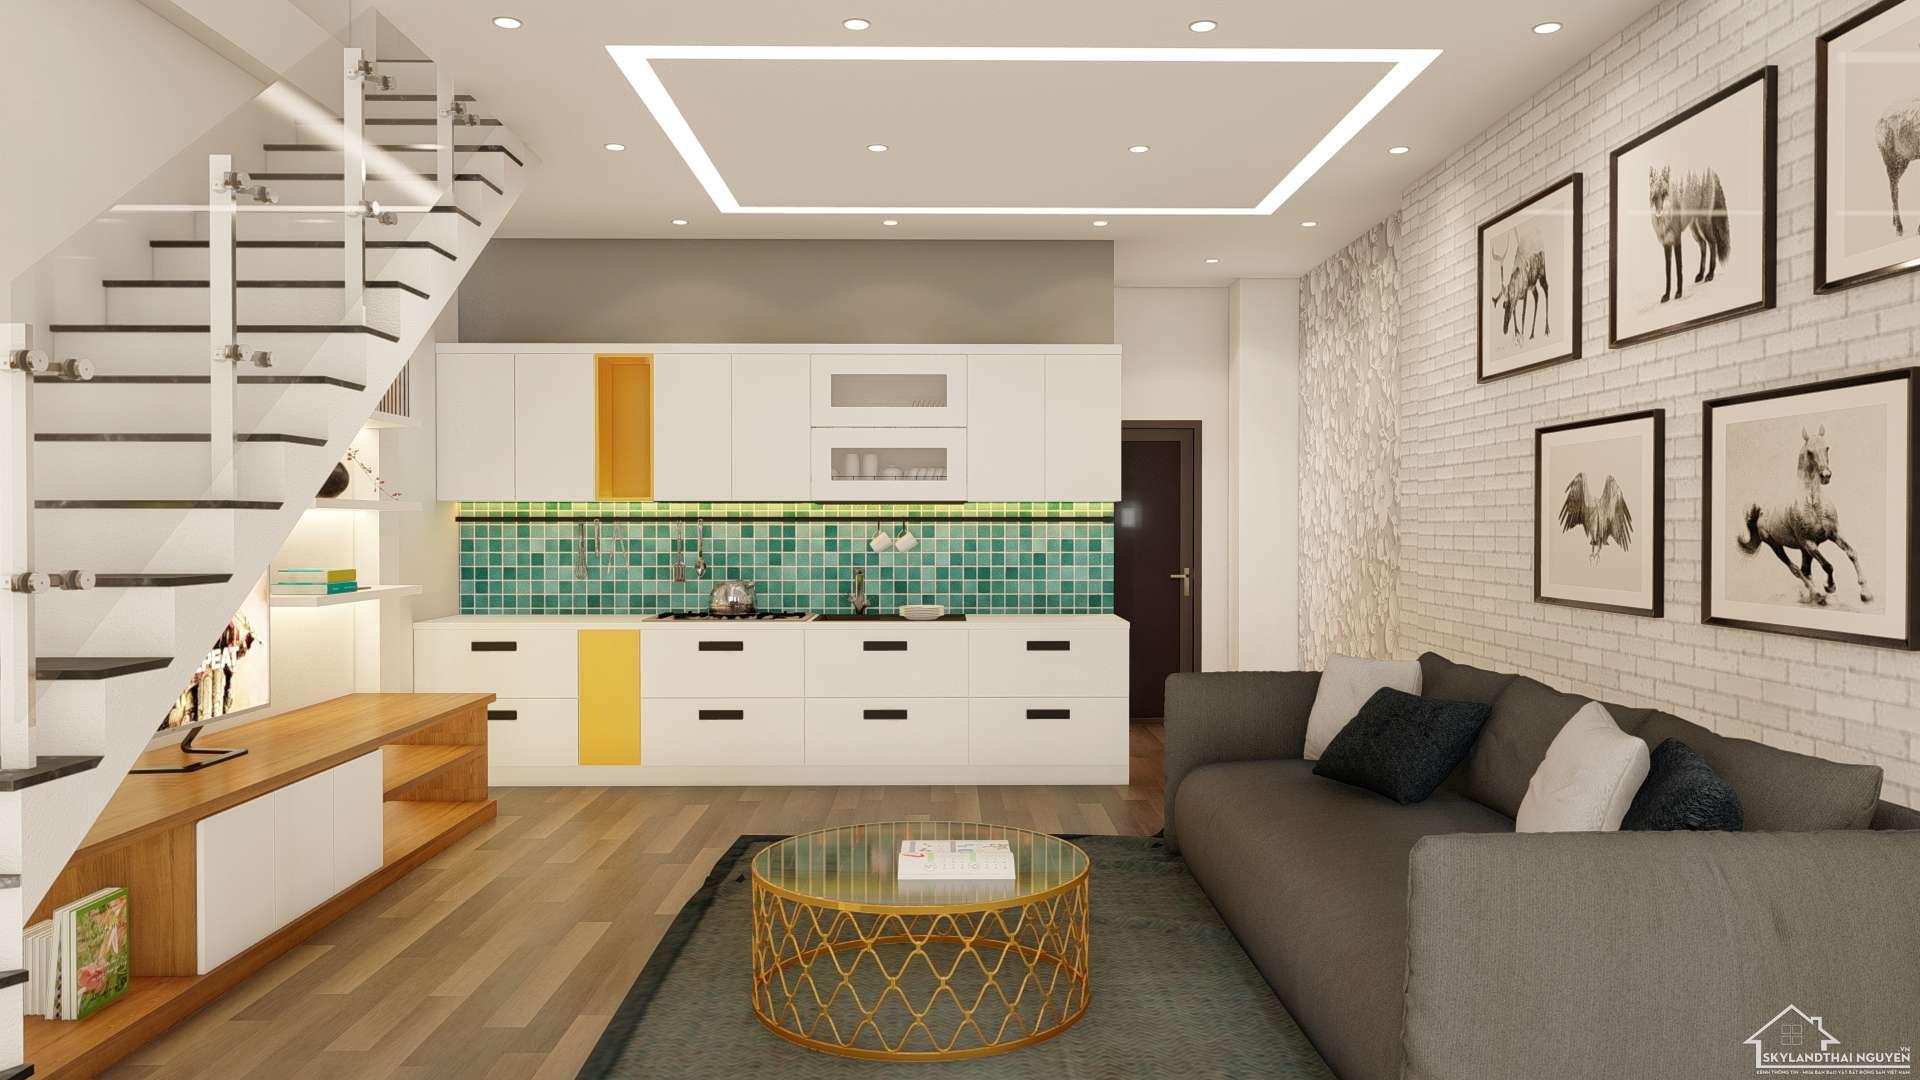 Mẫu nhà có gác lửng diện tích 61m2 siêu đẹp & tiết kiệm chi phí